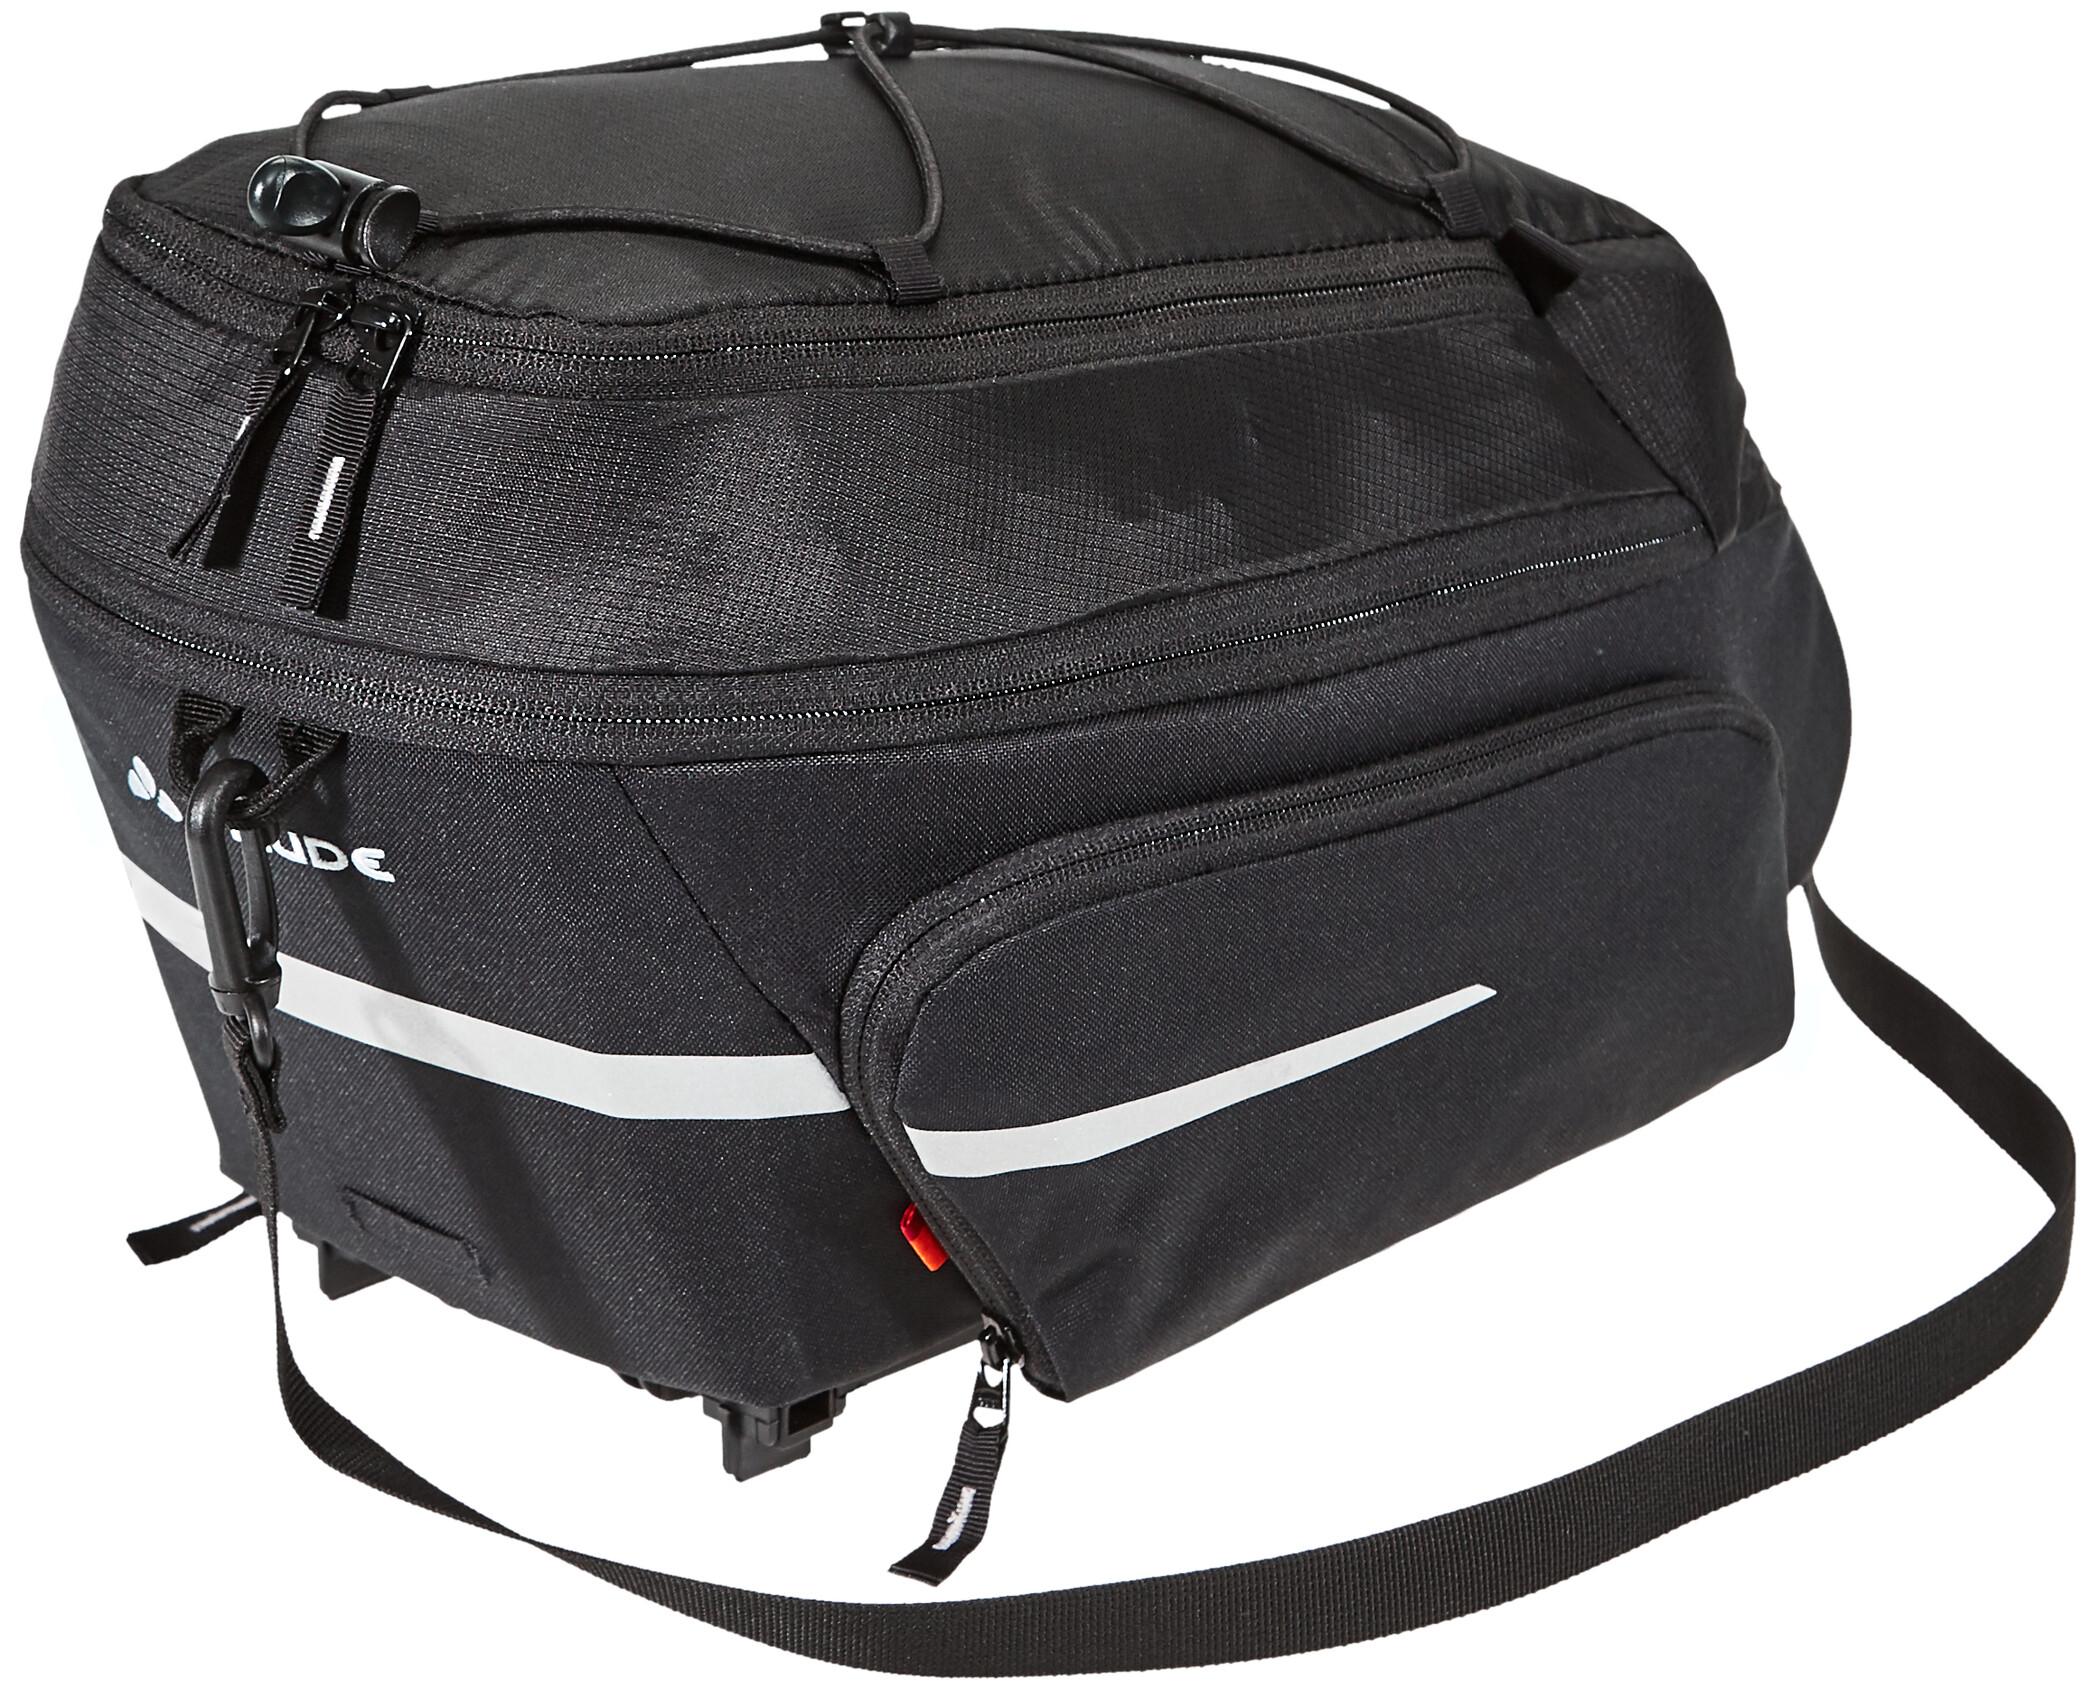 ADIDAS Sporttasche Linear Performance Adidas 45l weißschwarz, Größe: 45 LITER